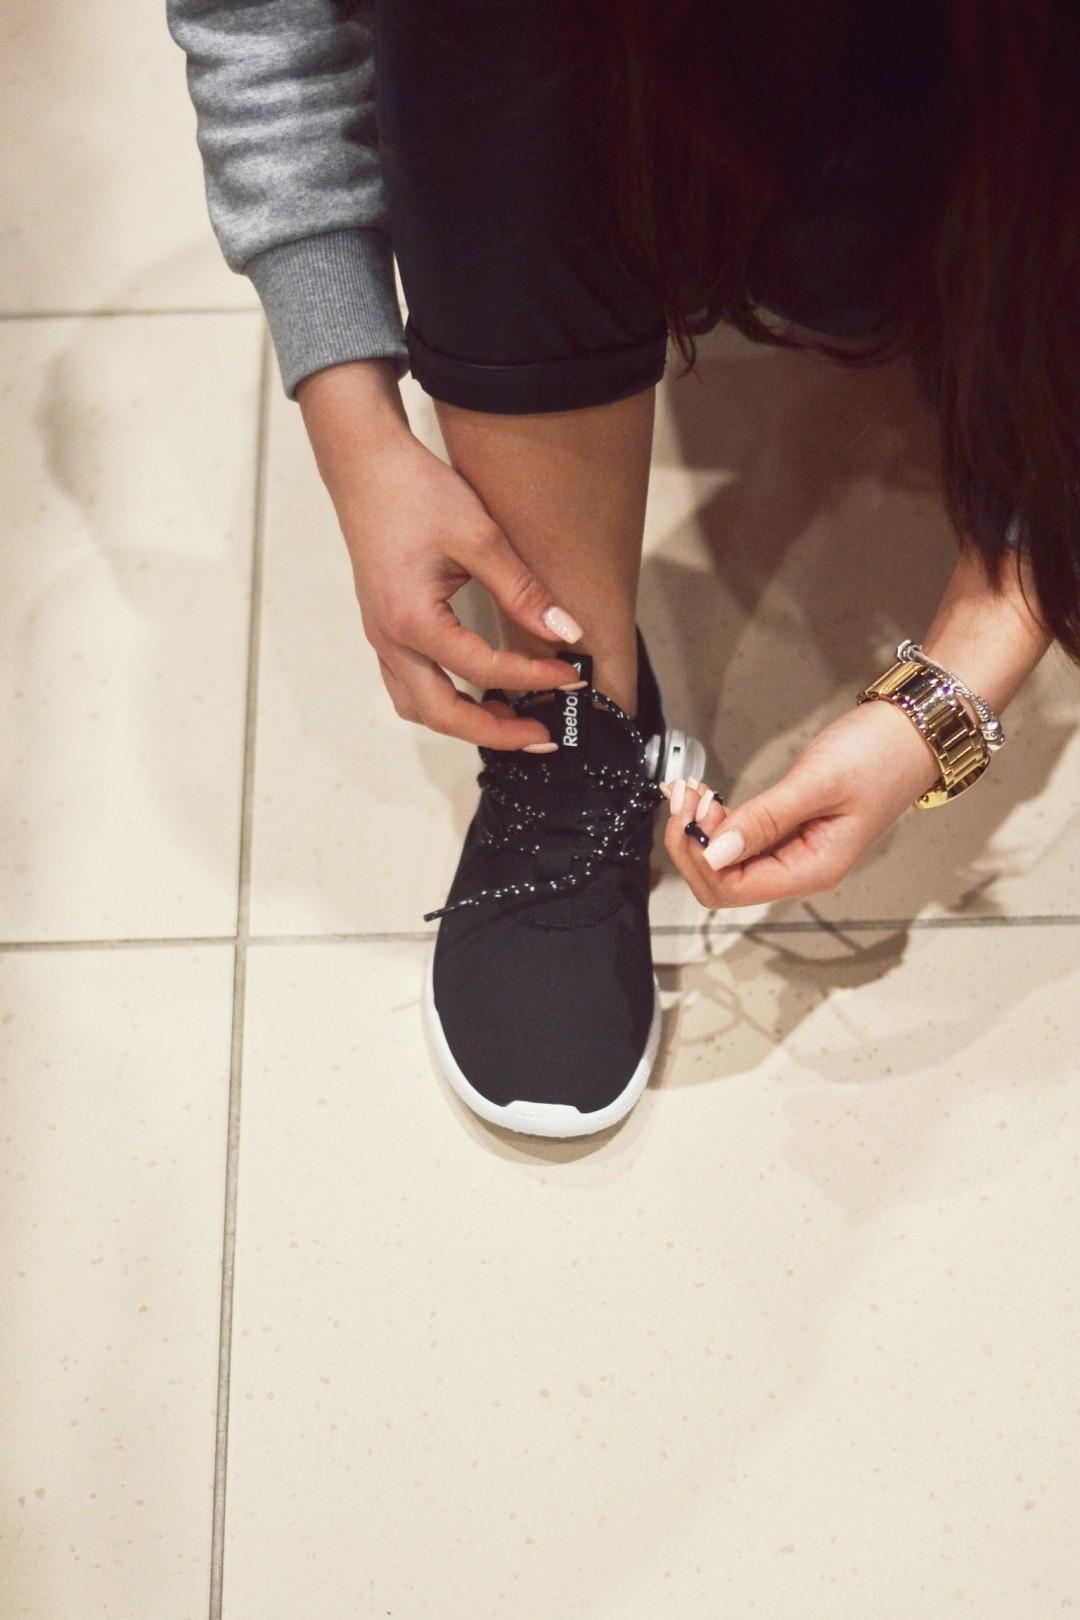 najniższa cena sprzedawca hurtowy największa zniżka Jak wybrać buty na siłownię? ⋆ Oshopping Blog